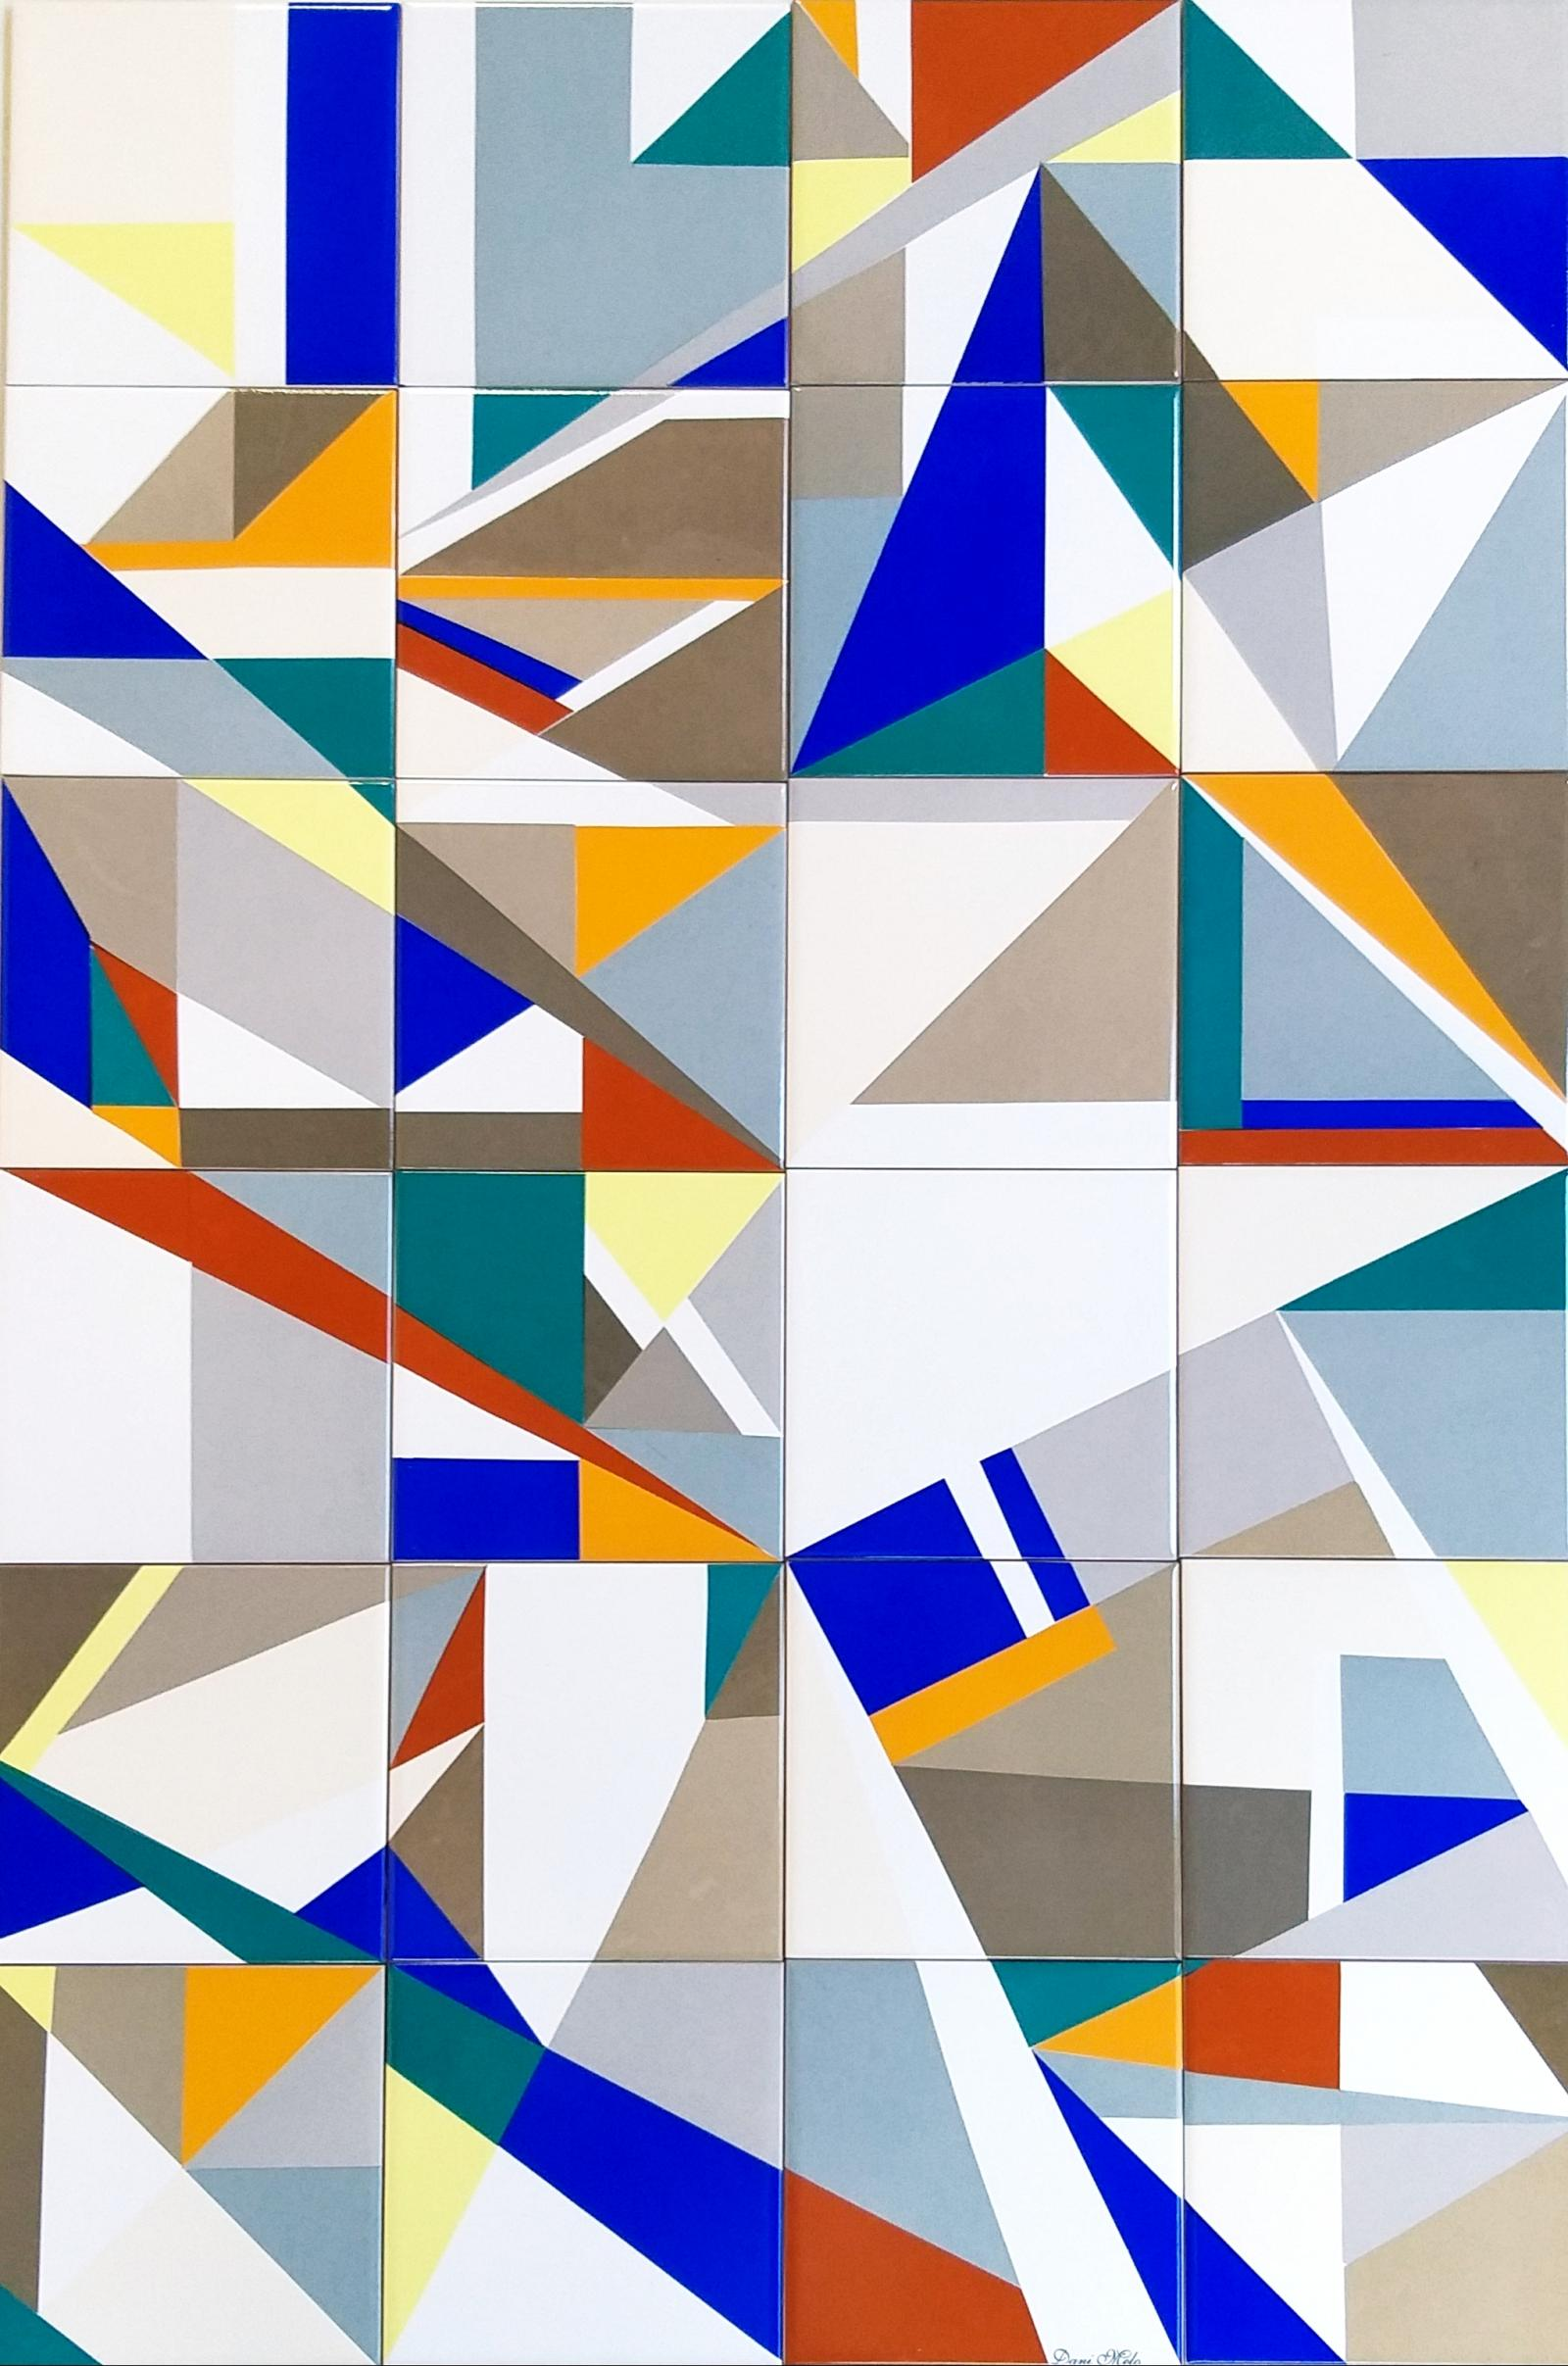 Nosso novo Painel de azulejos Exclusivo ficou pronto!